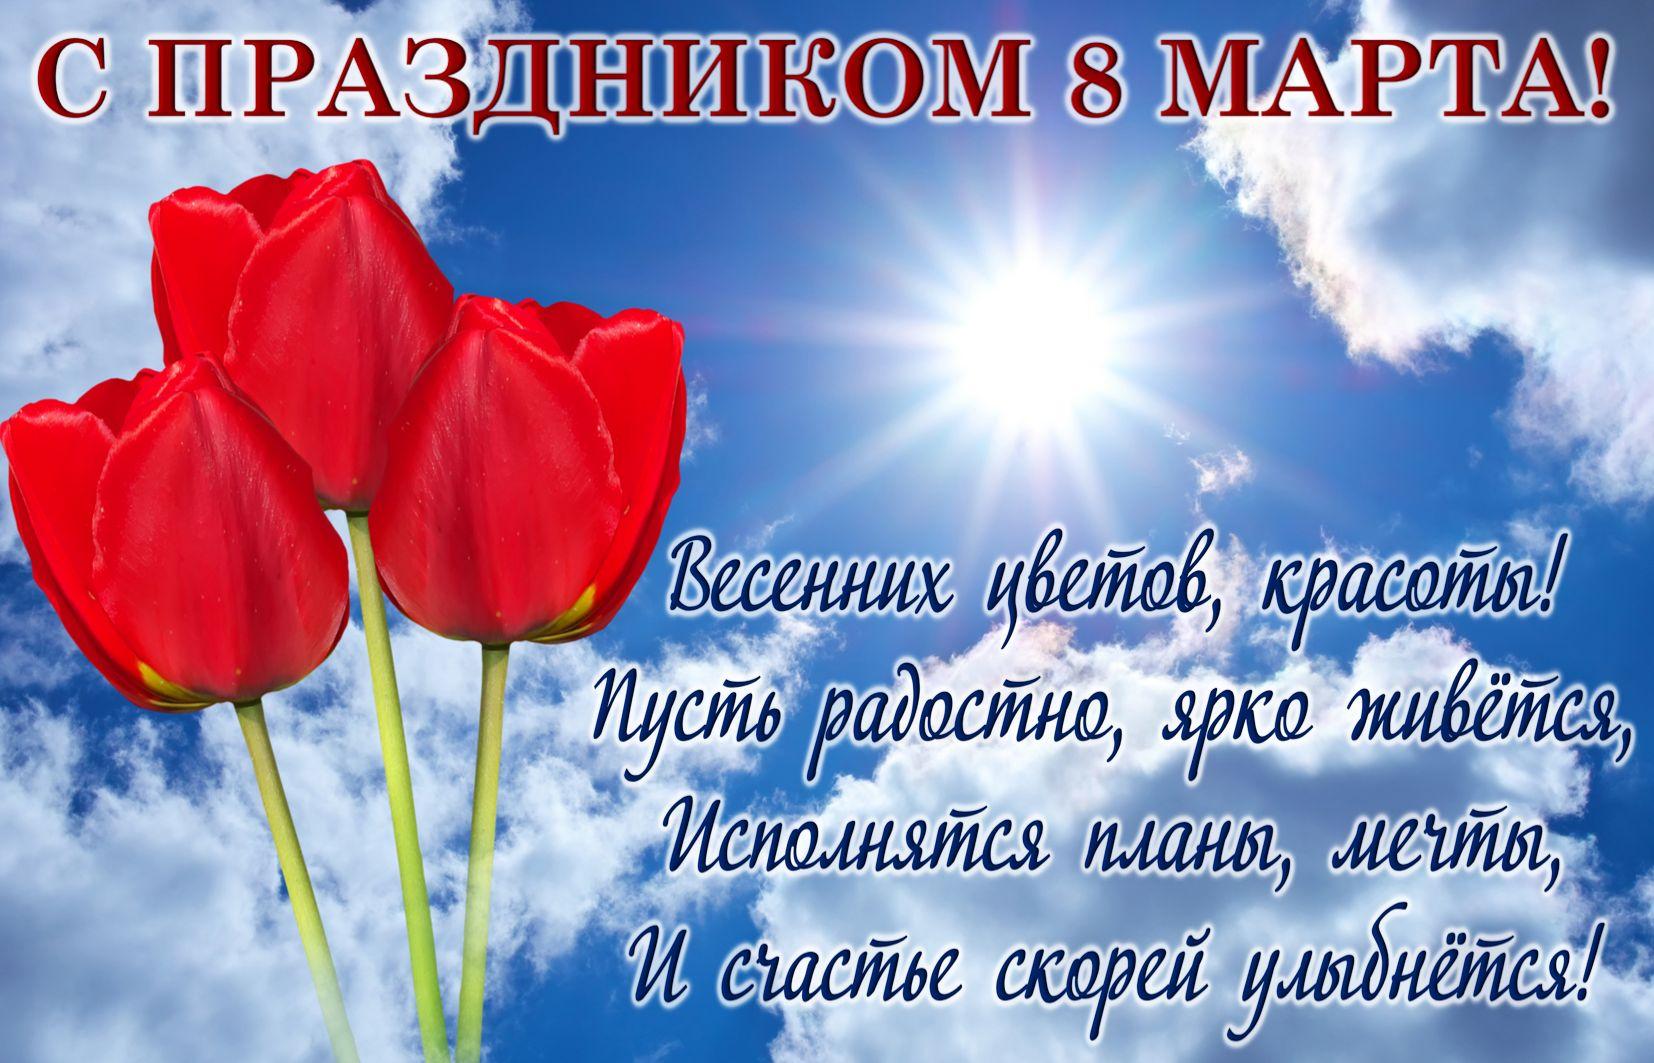 Открытка с 8 марта - тюльпаны и пожелание в синем небе